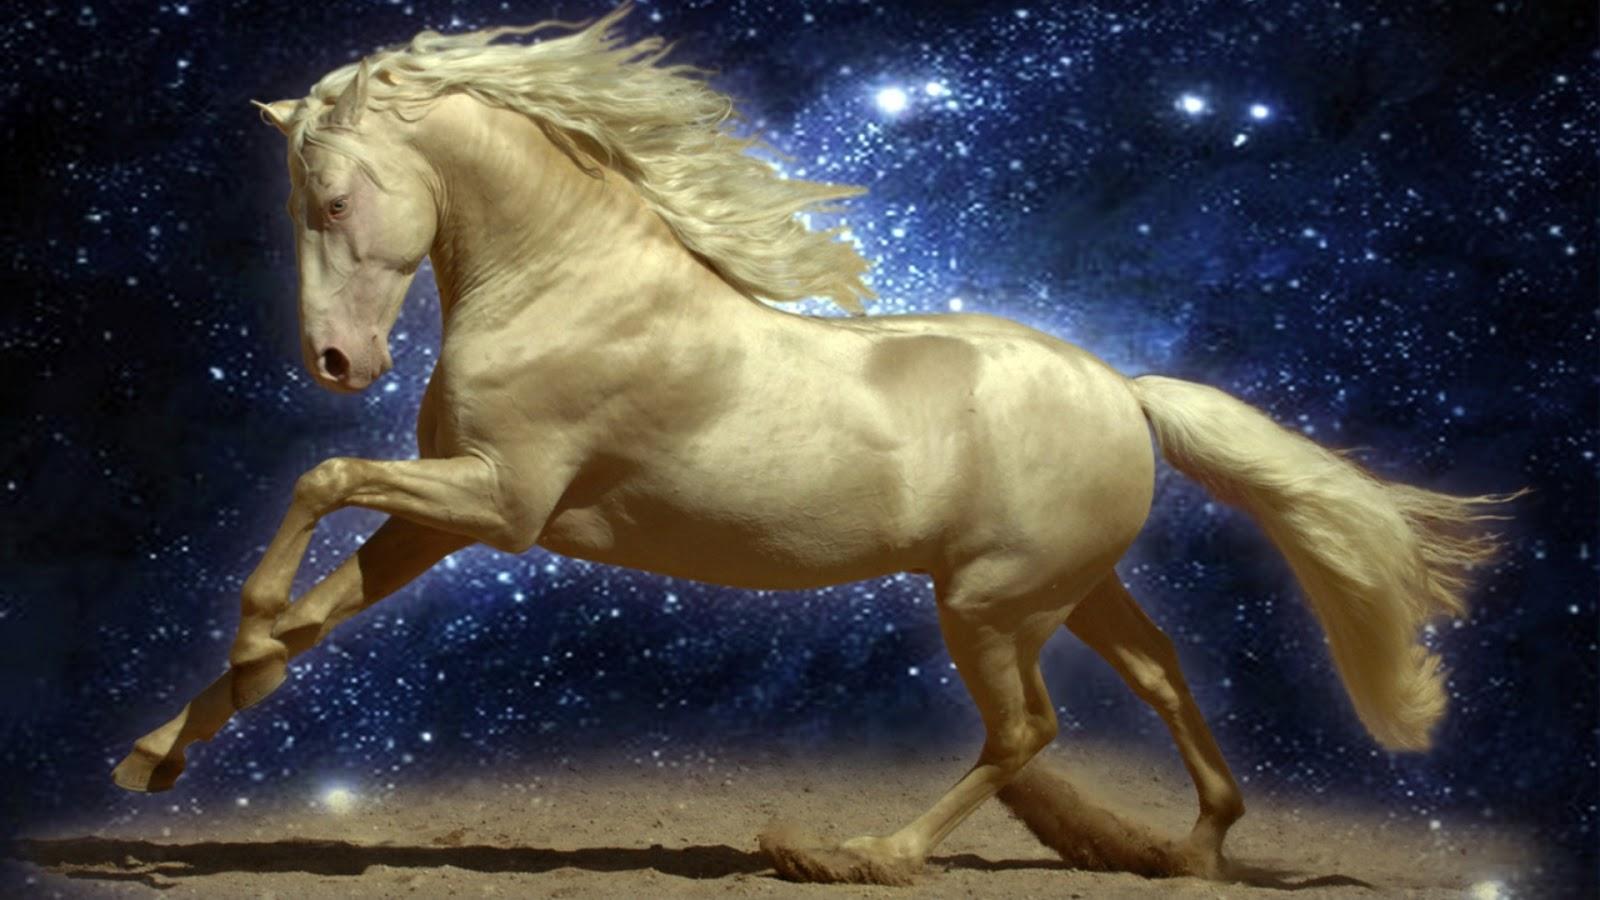 Top   Wallpaper Horse Desktop Background - Horse++hd+wallpapers+9  2018_366320.jpeg